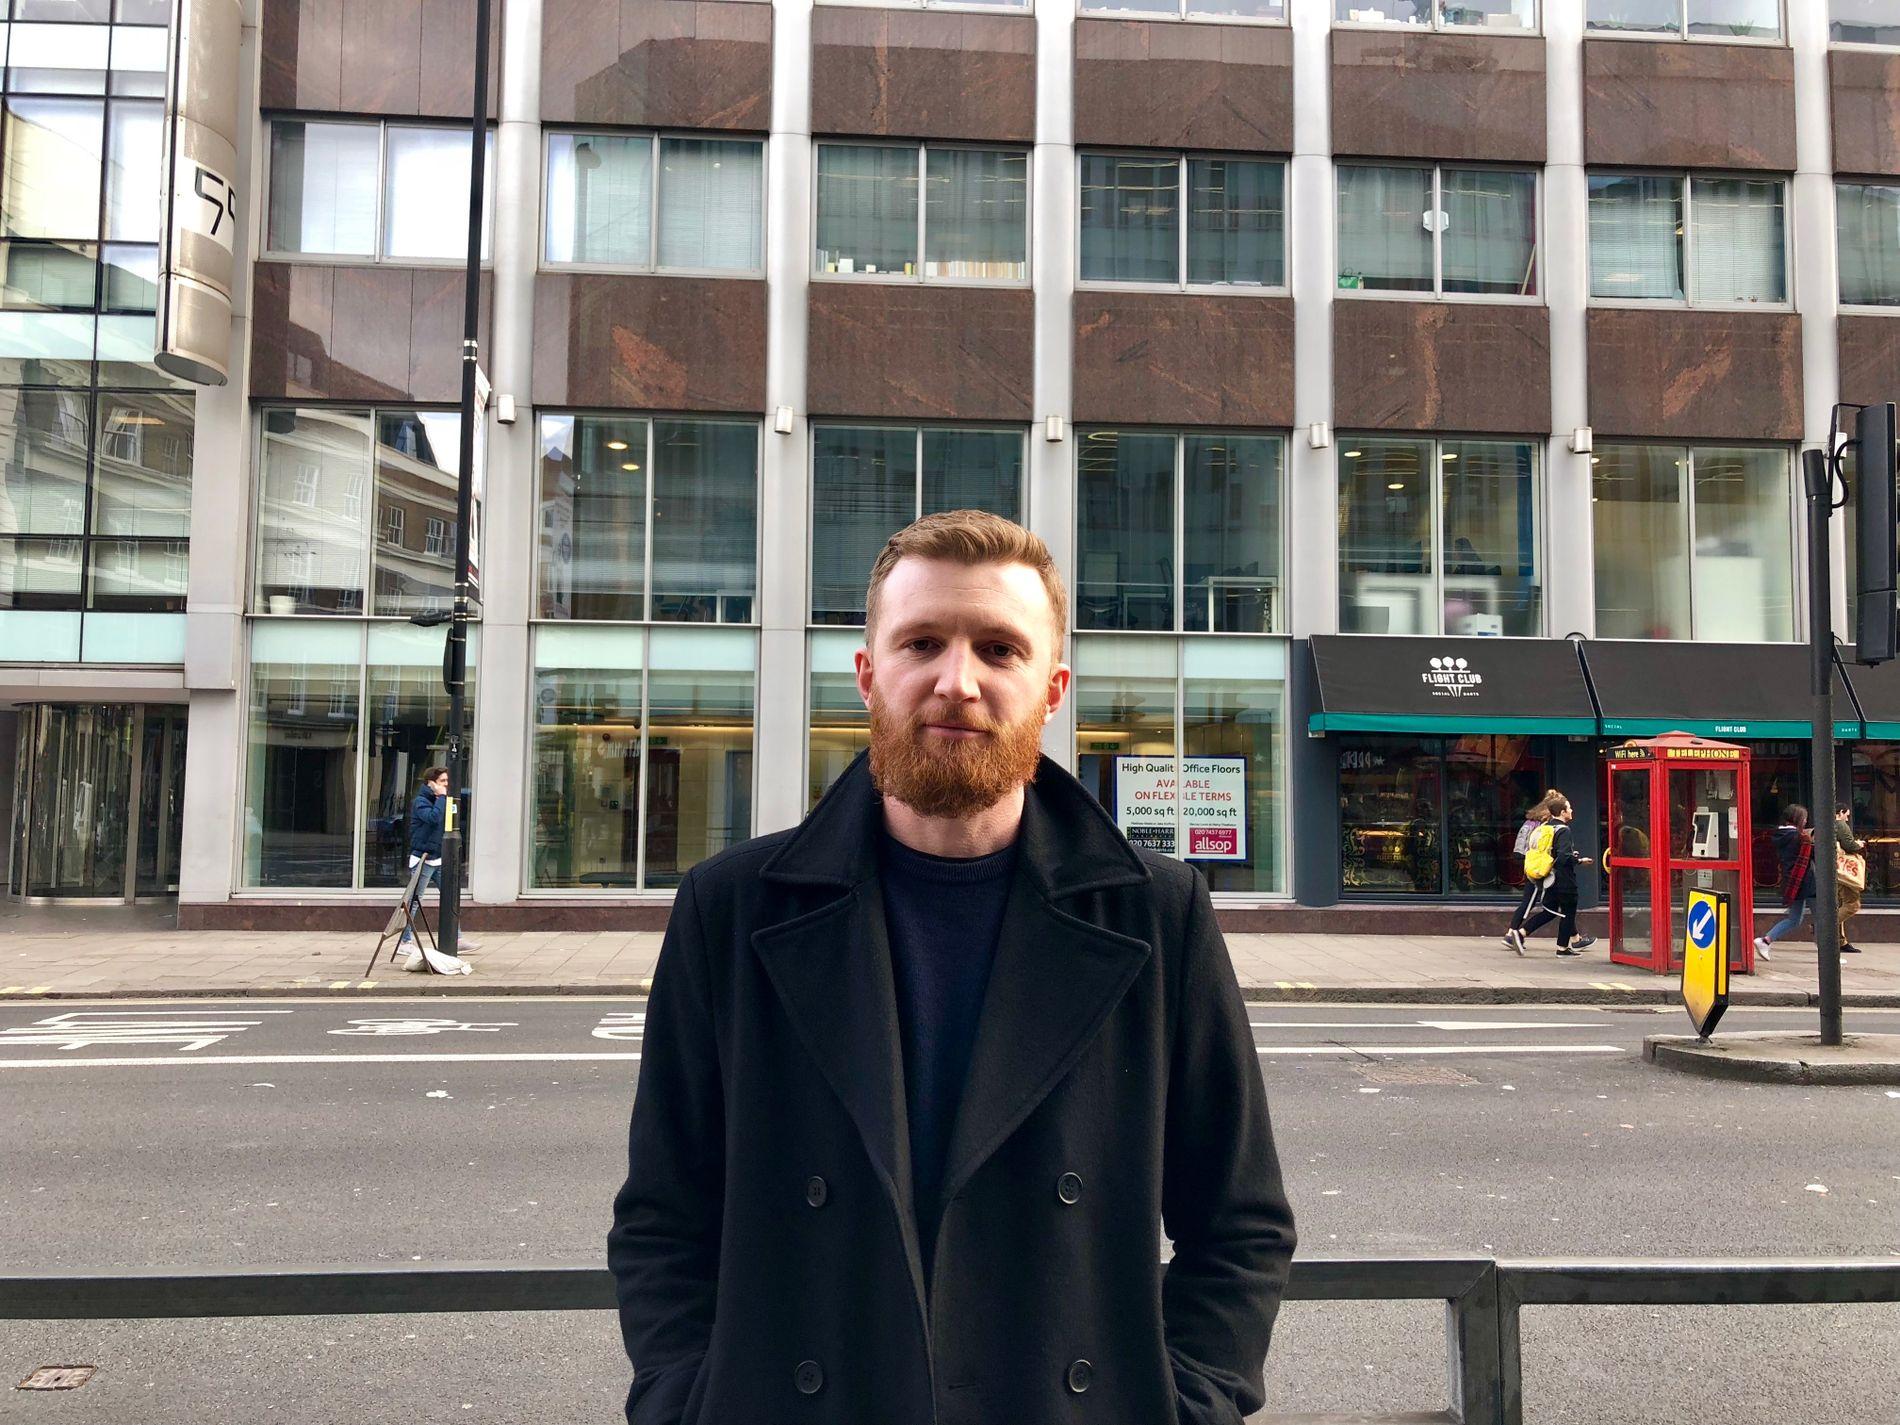 FORVENTET: Rick Esgate (35) jobber selv med markedsføring, og Facebook-skandalen har ikke overrasket han.